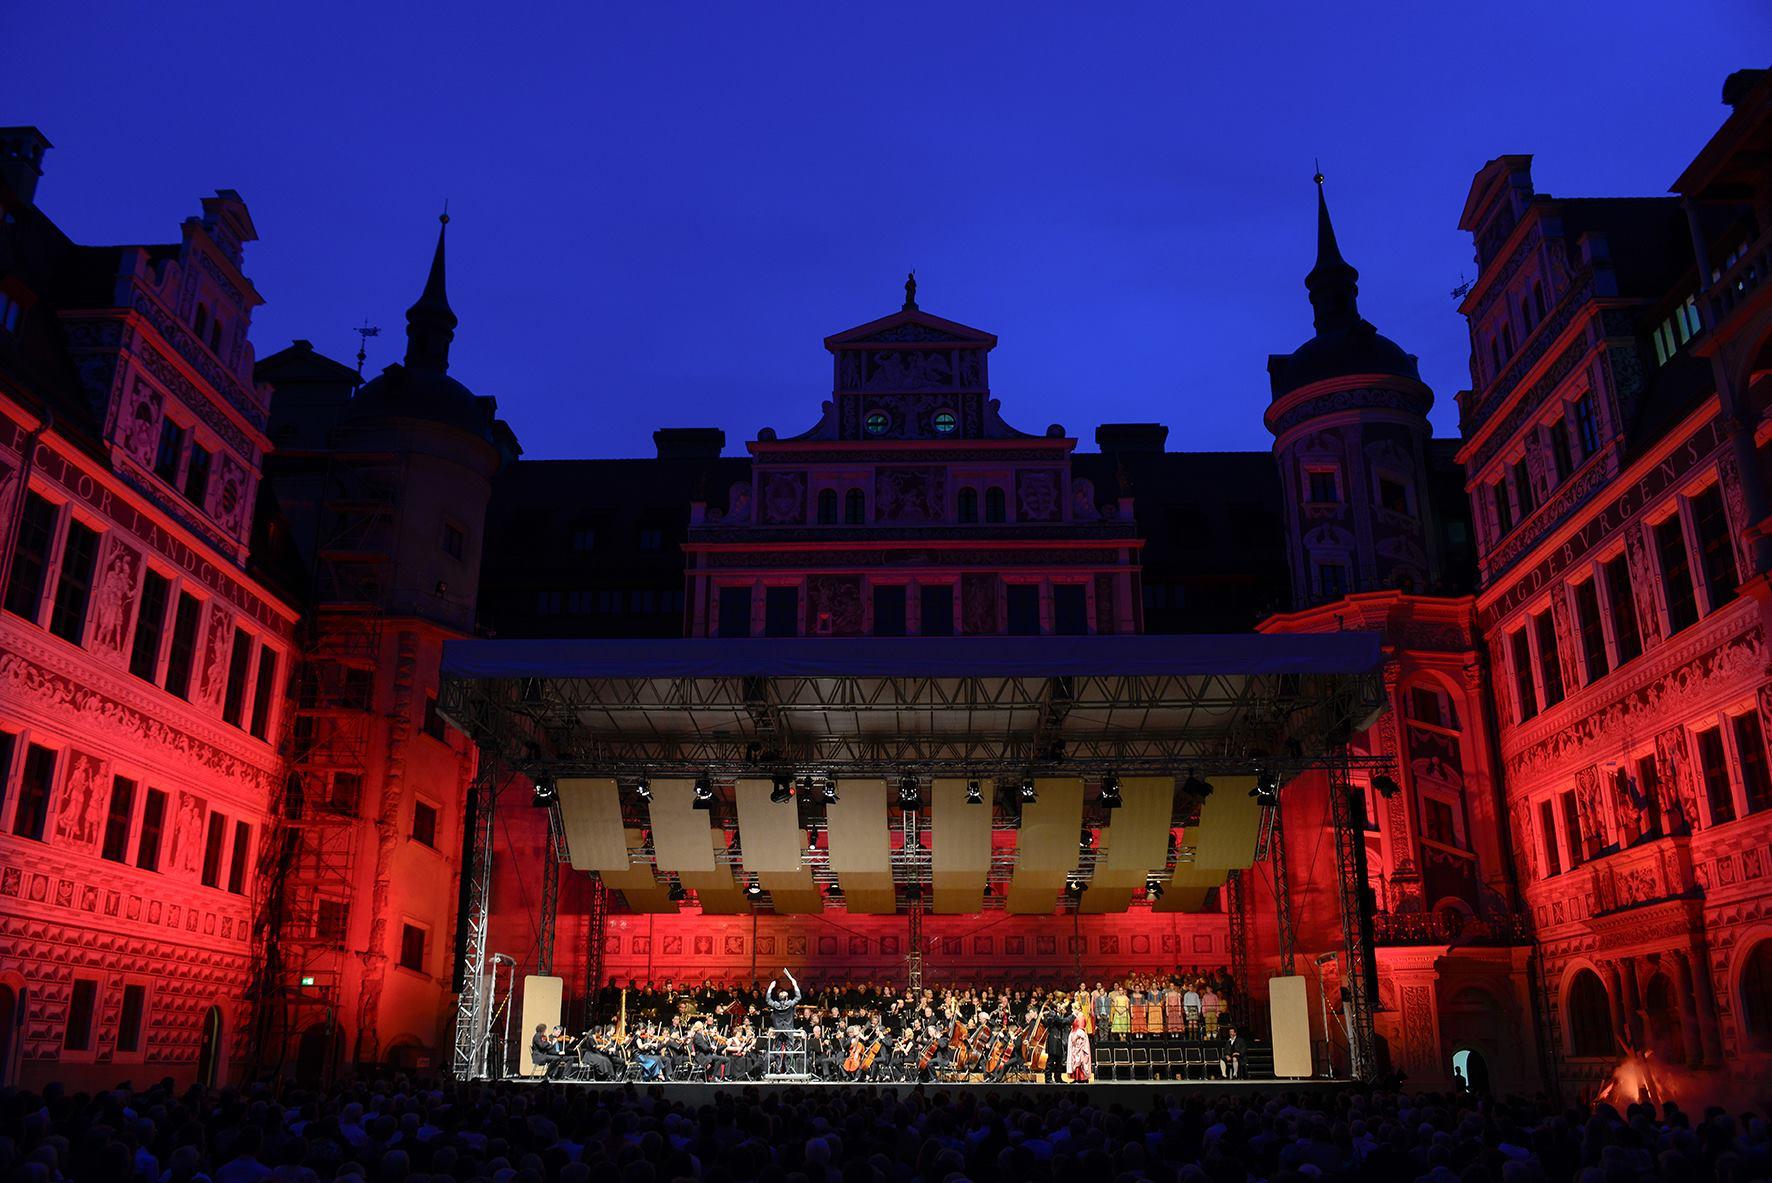 Дрезденский музыкальный фестиваль / Dresdner Musikfestspiele